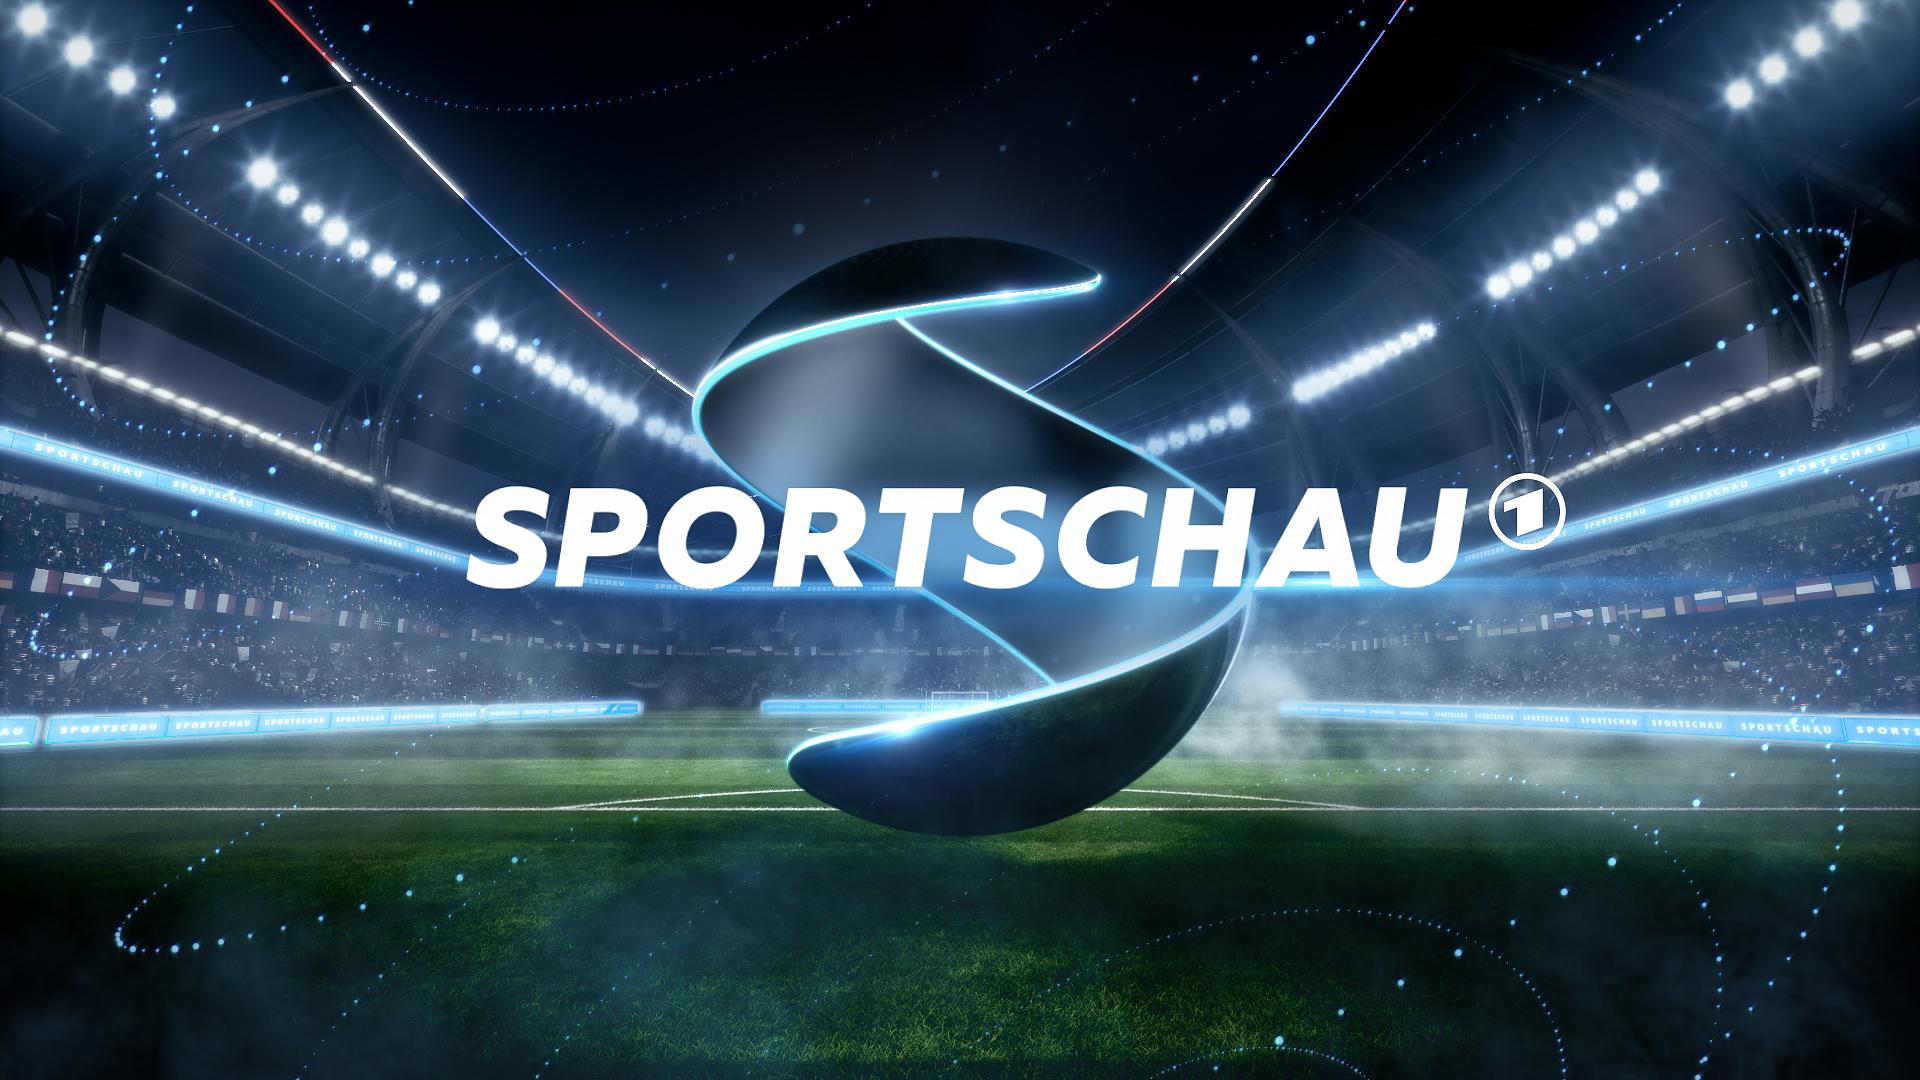 Sportshau